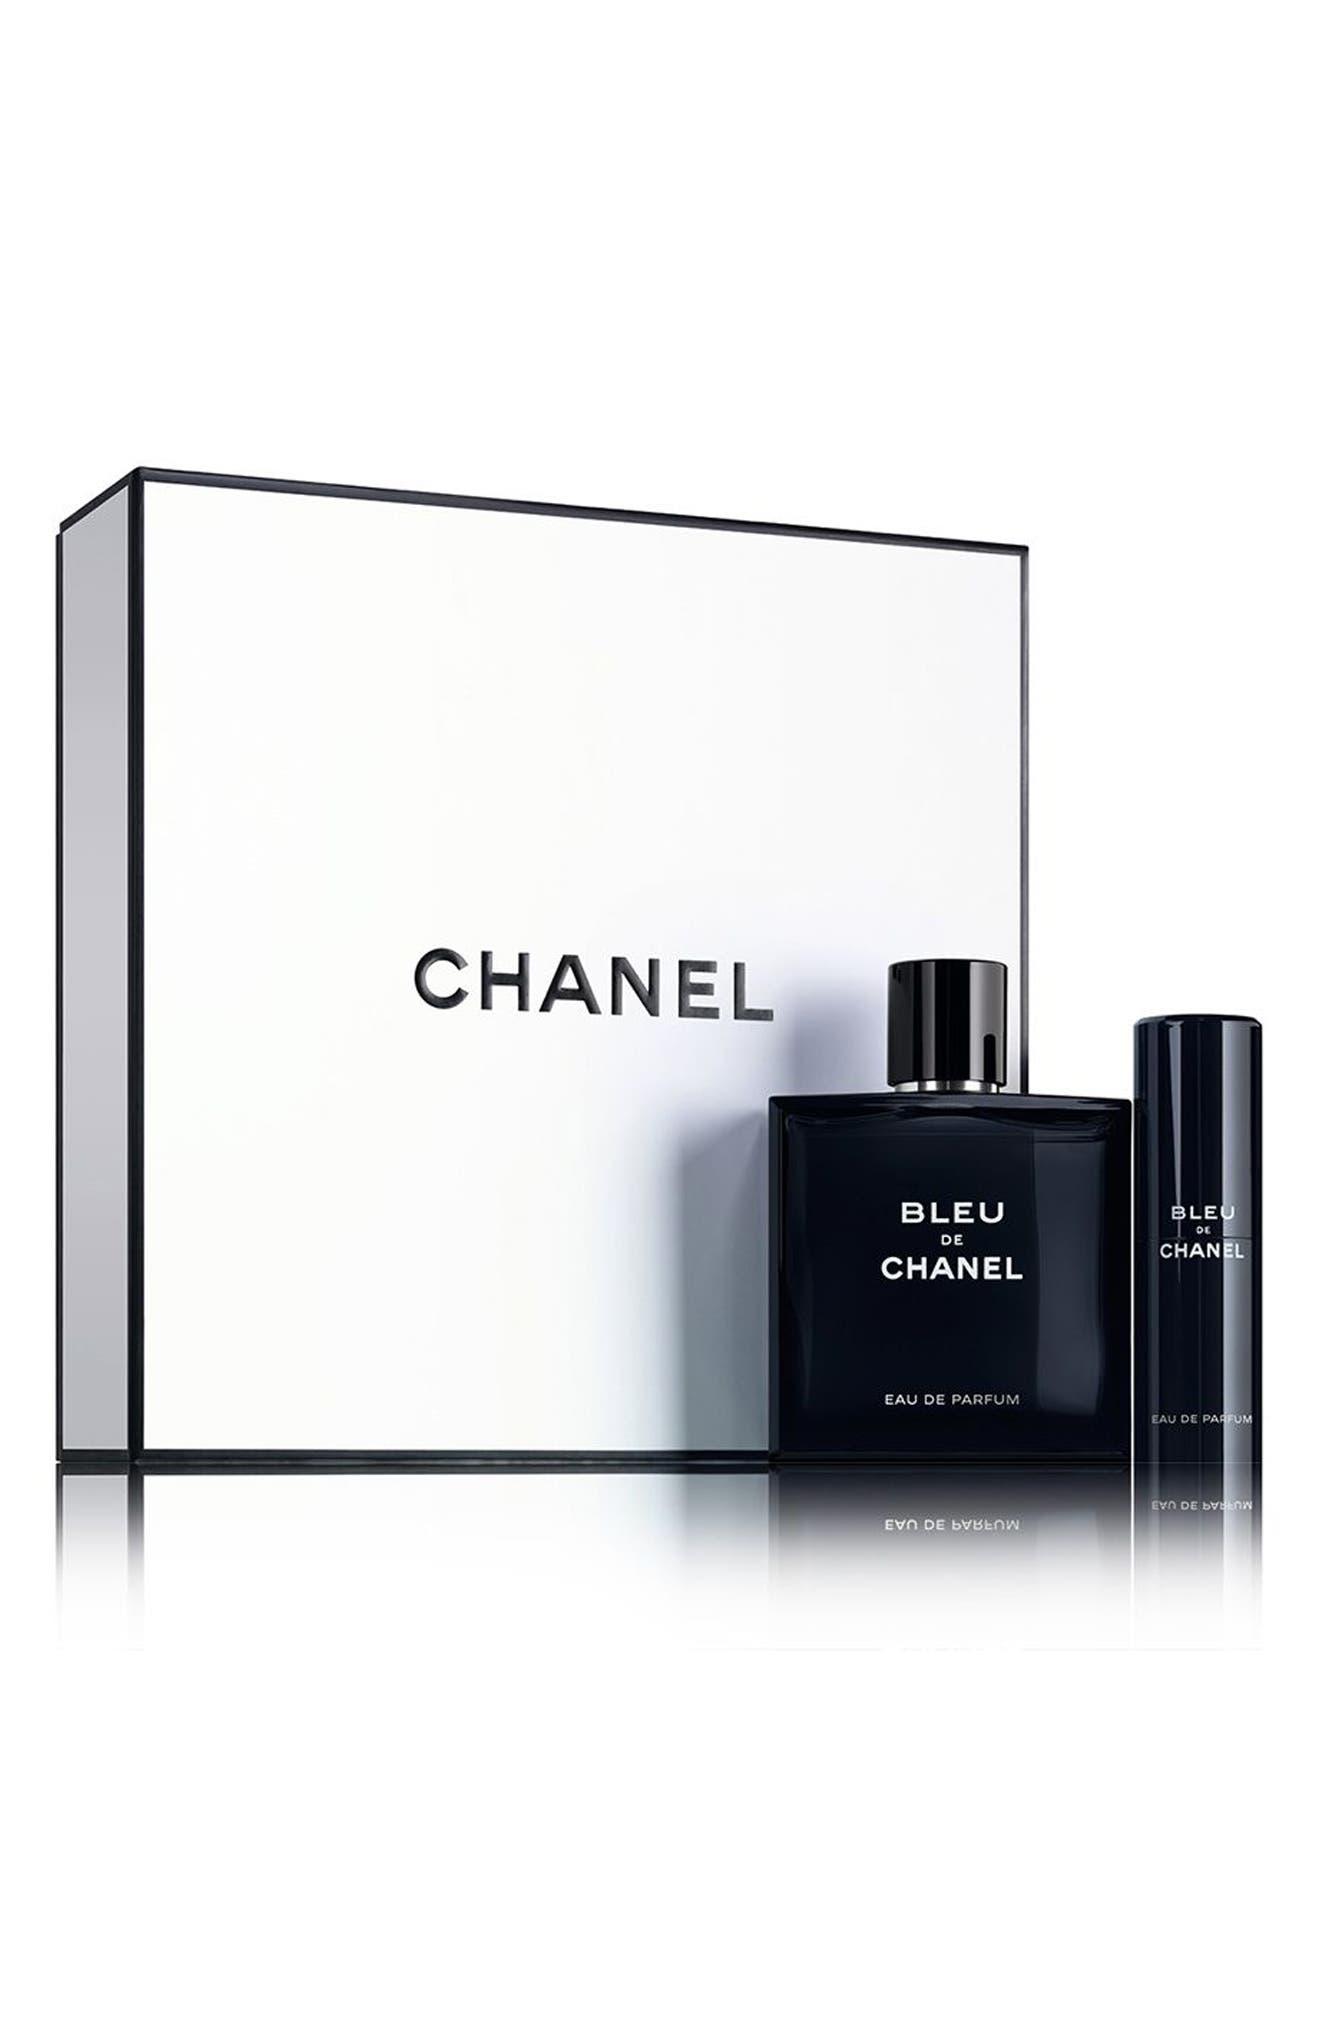 CHANEL BLEU DE CHANEL<br />Eau de Parfum pour Homme Travel Spray Set, Main, color, NO COLOR